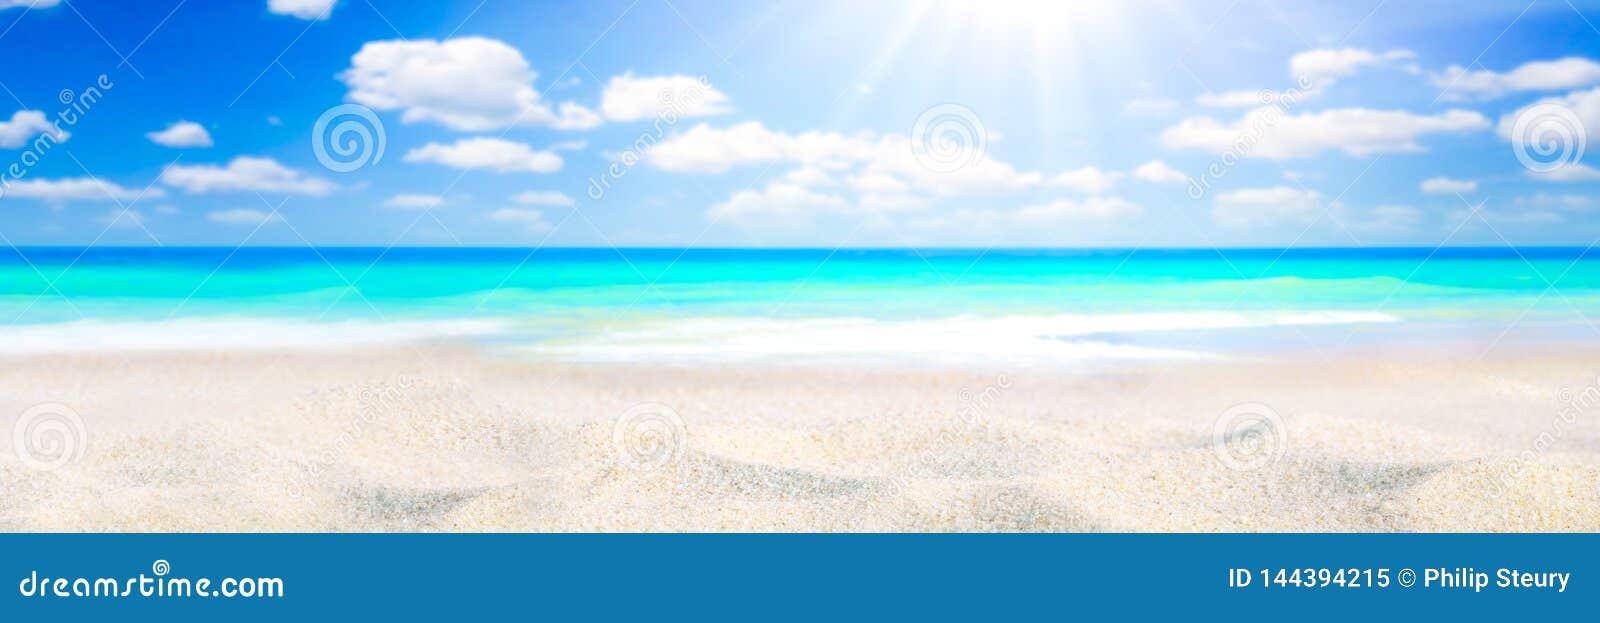 Luz do sol na praia